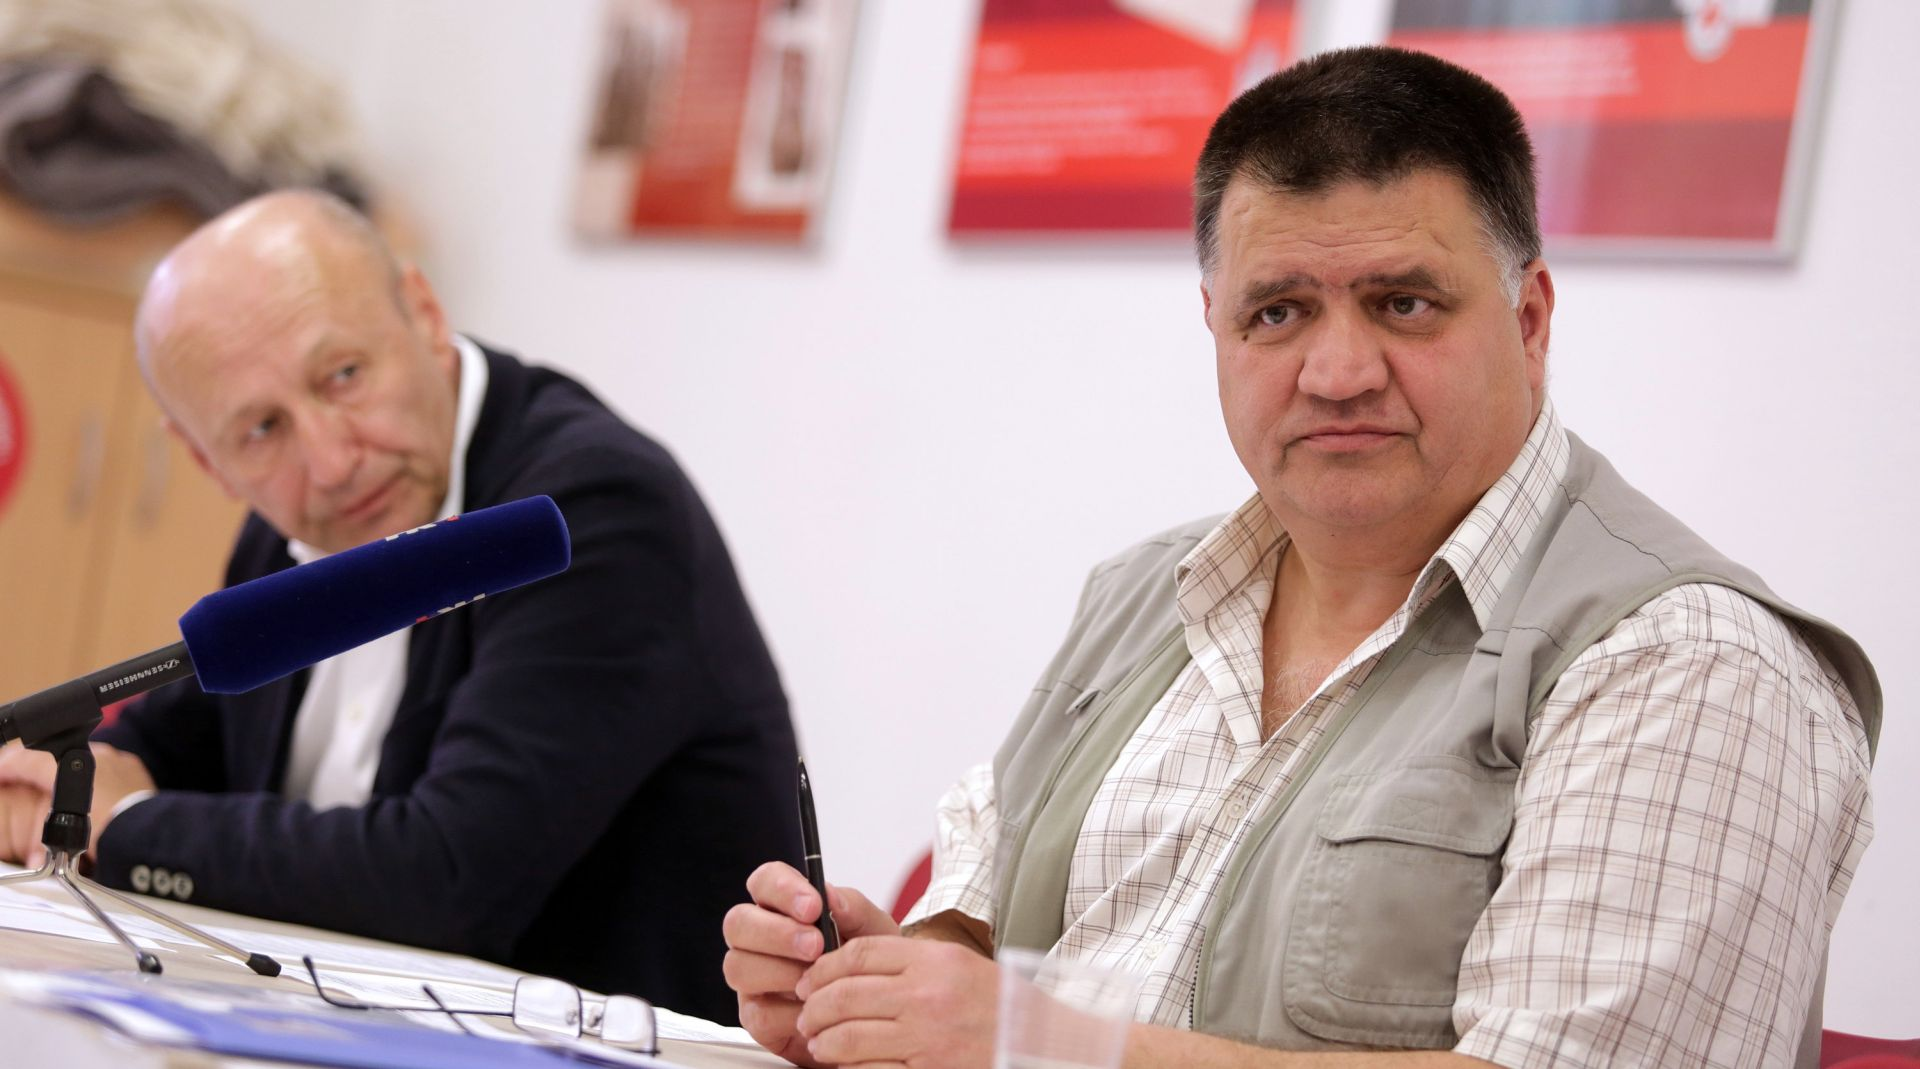 """MARIJO DRLJE """"odriče li se ova politika i lobisti u zdravstvenom sustavu hrvatske sirotinje?"""""""